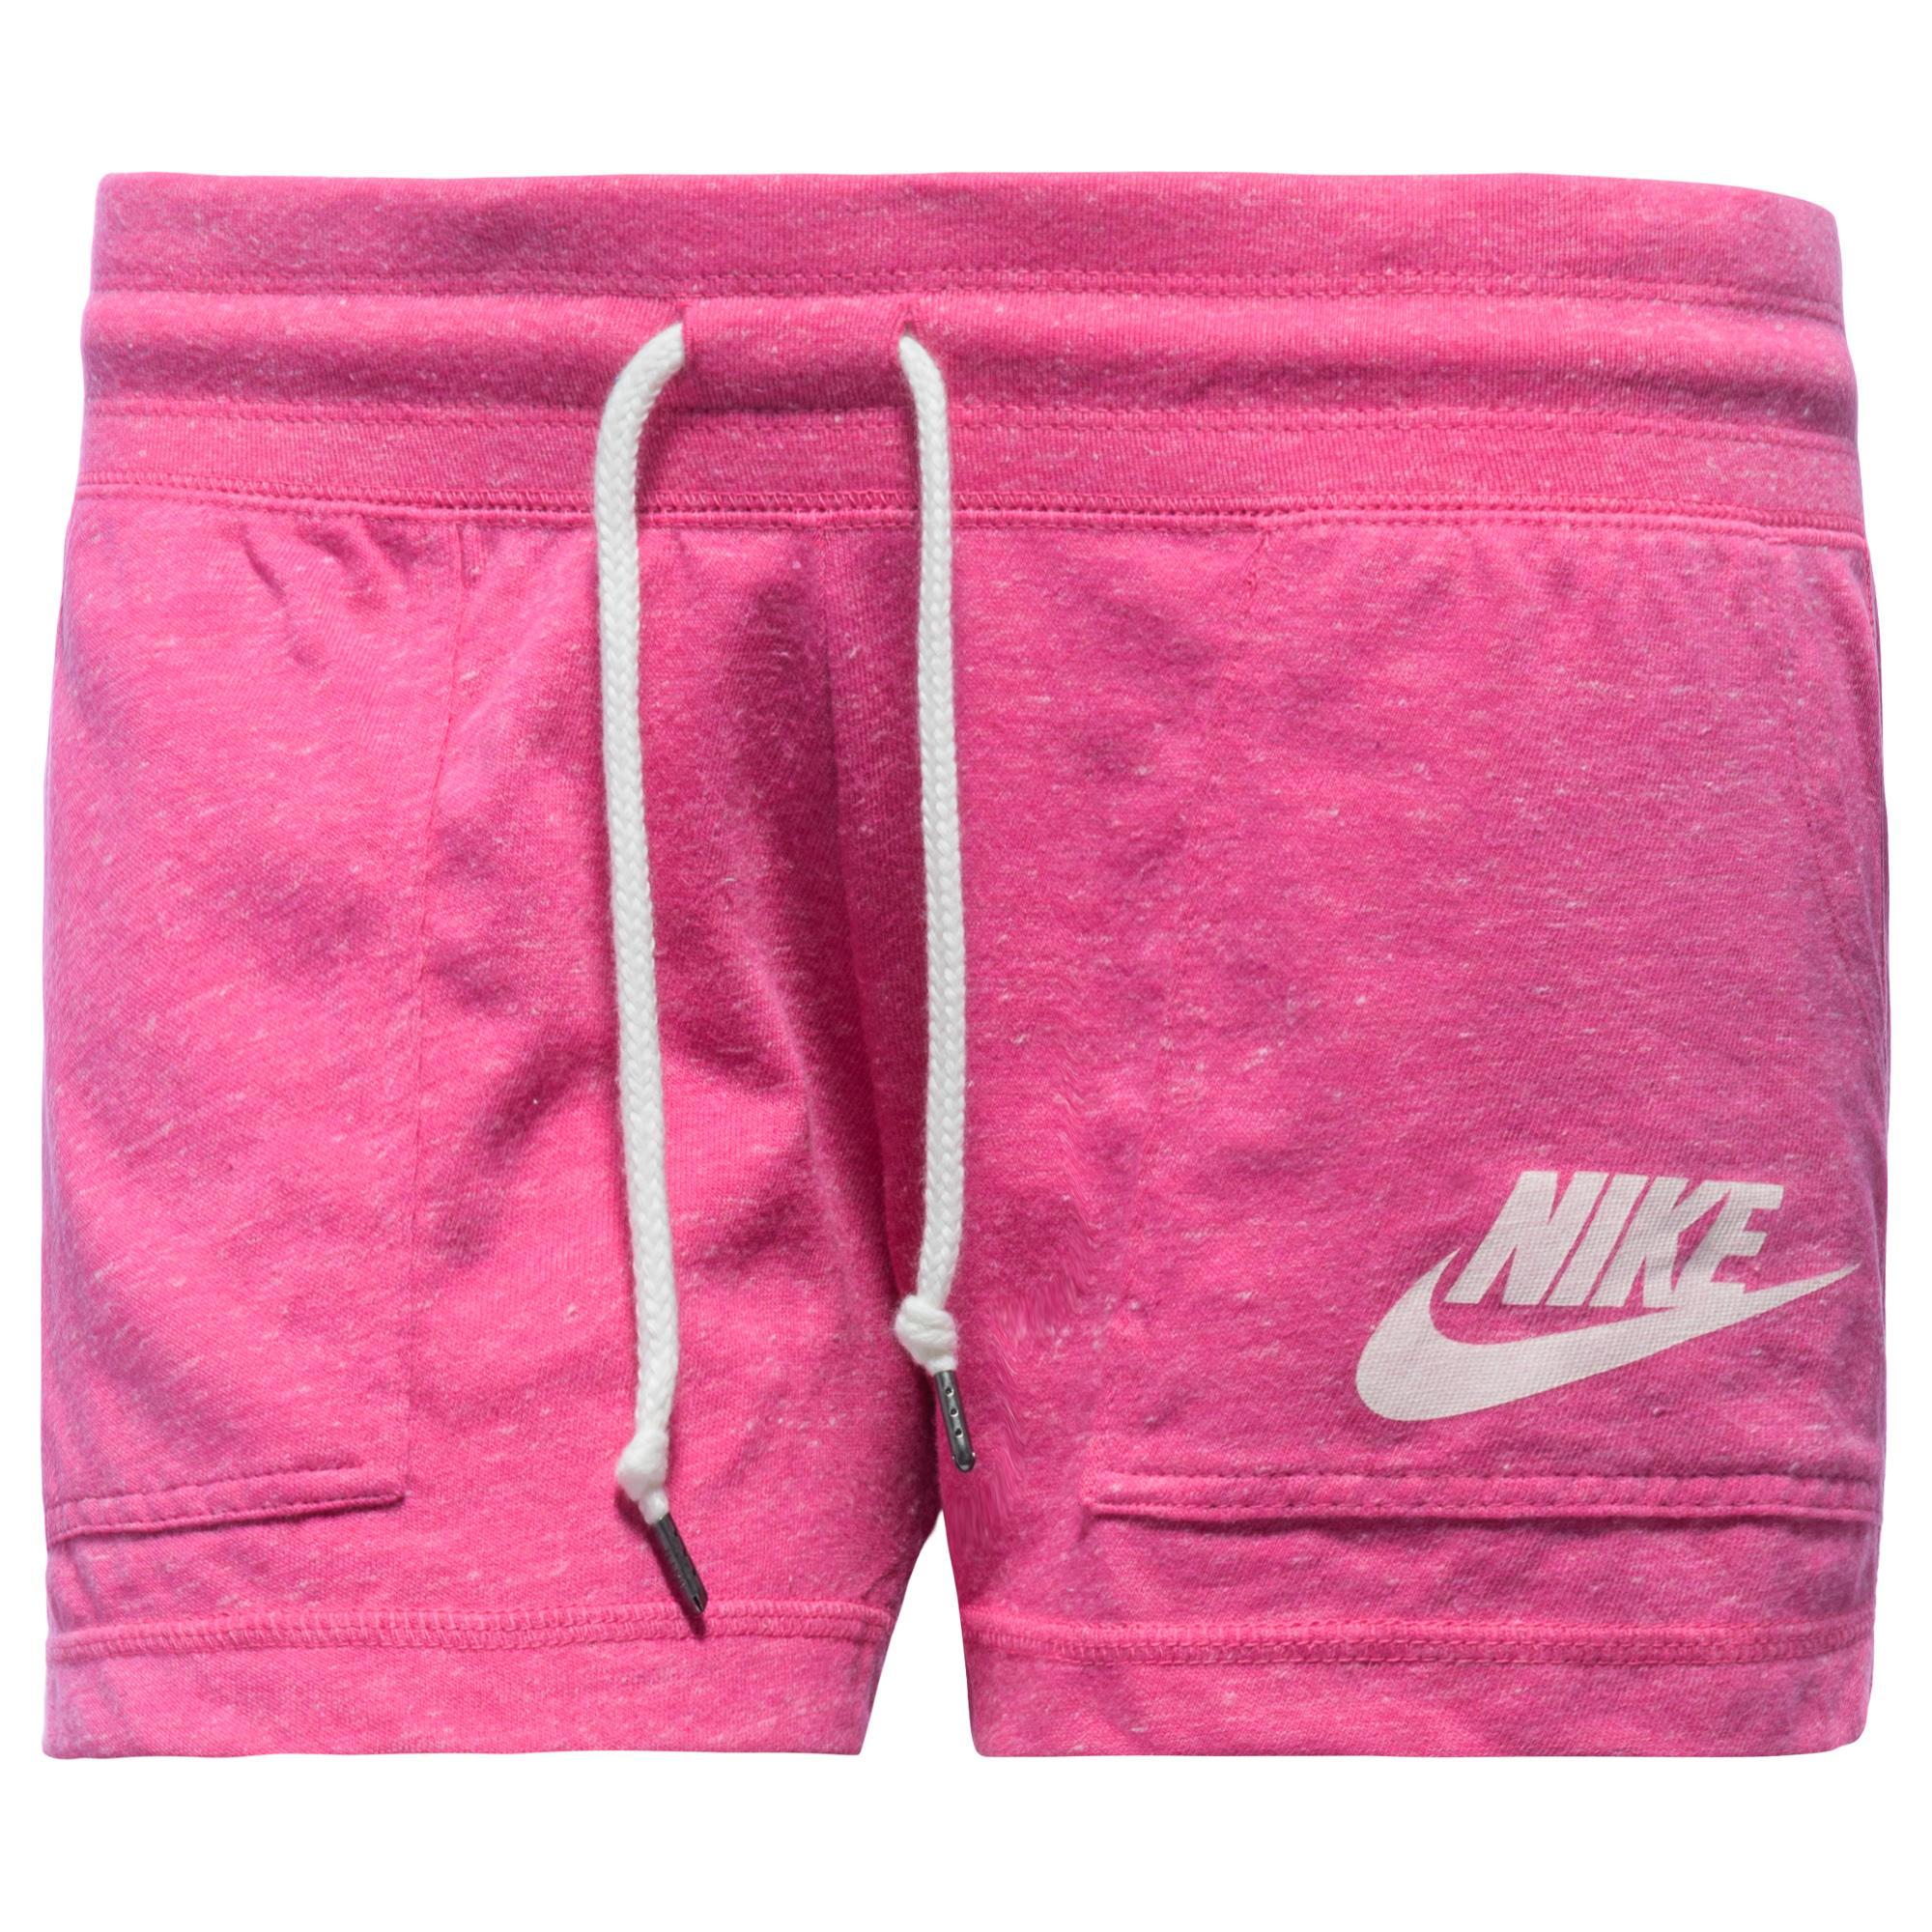 Nike Shorts Gym Vintage Rosa/Vit Dam